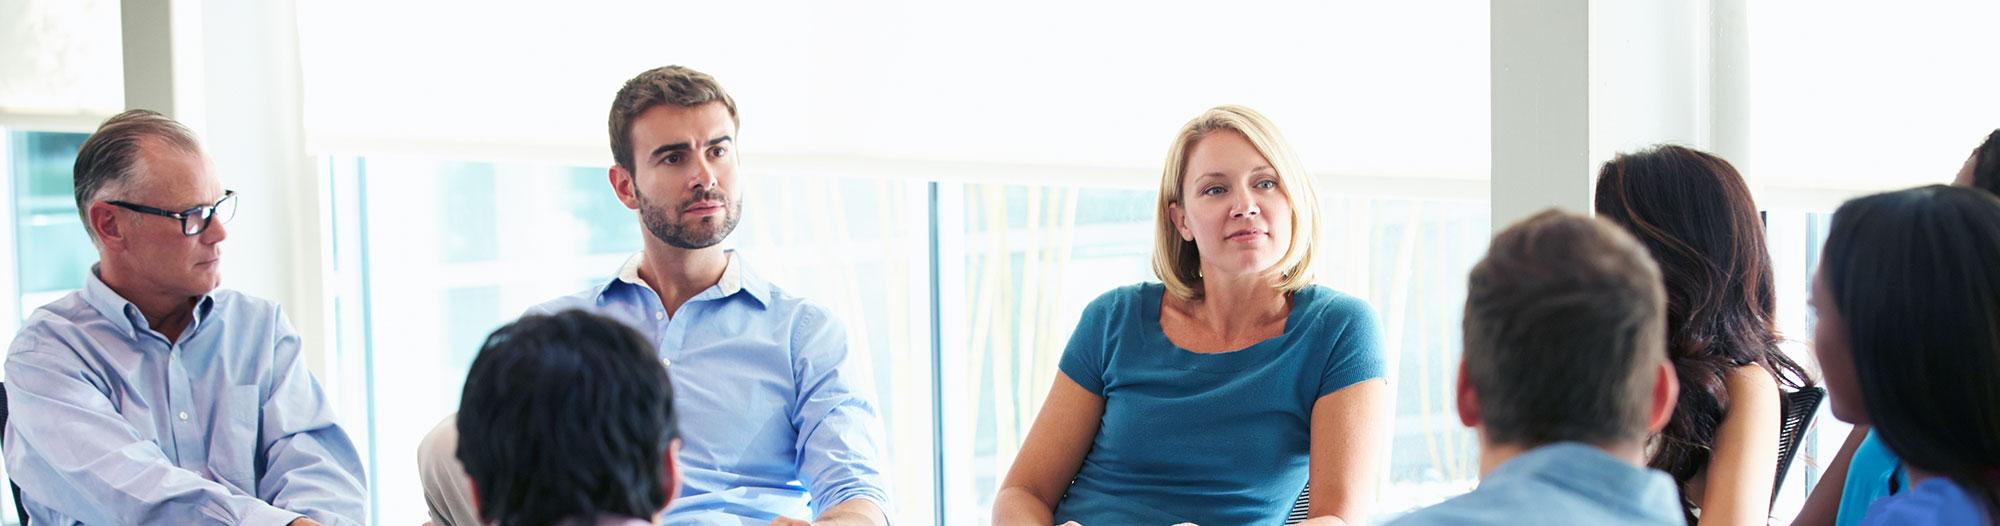 OneTeam Leadership Experience